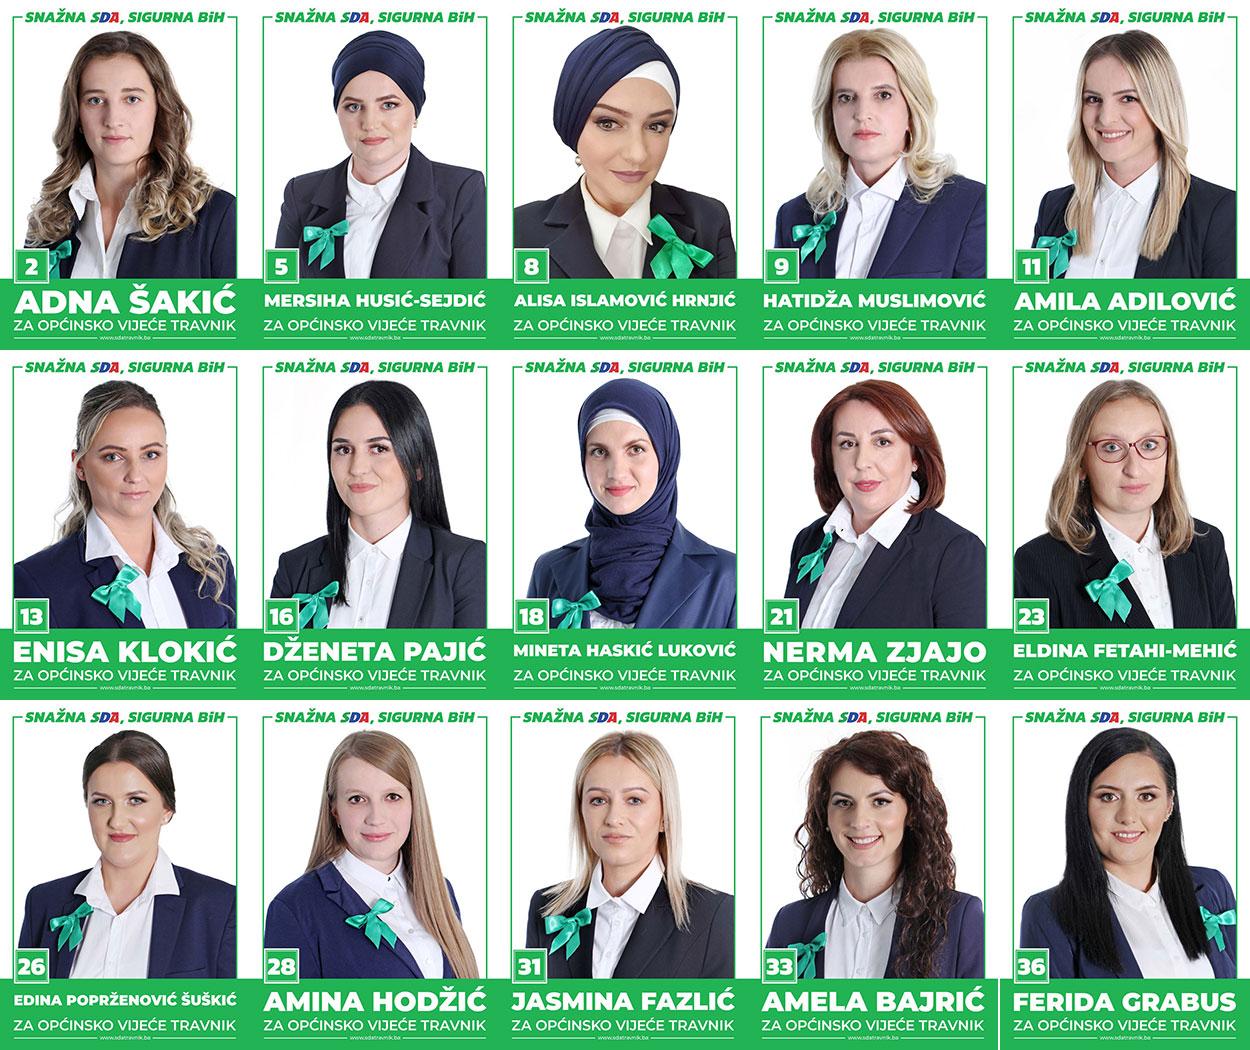 SDA podržava žene: Petnaest kandidatkinja na listi za OV Travnik